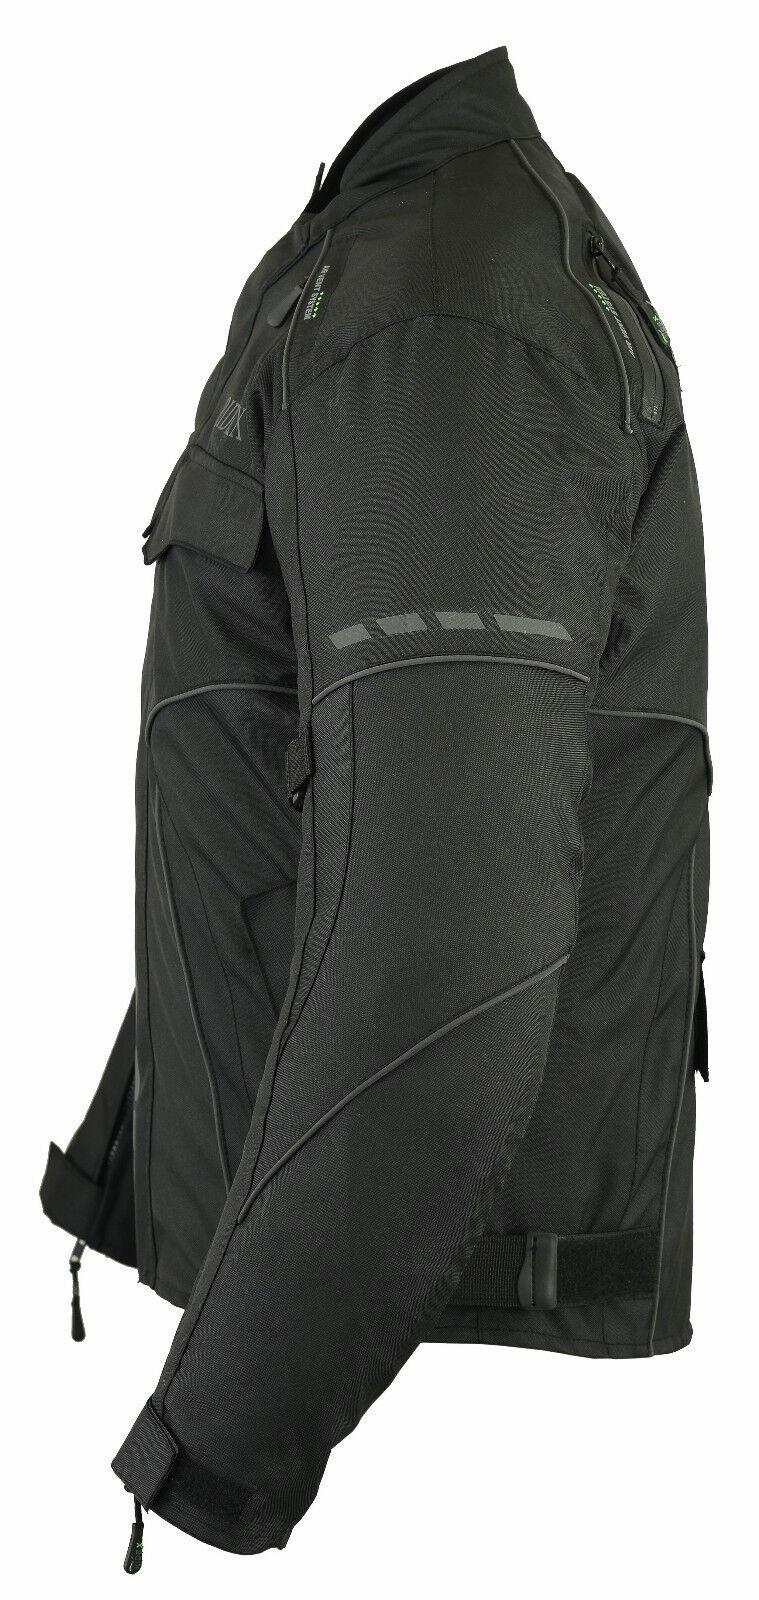 RIDEX CJ3 Motorbike Motorcycle Jacket Waterproof Protection